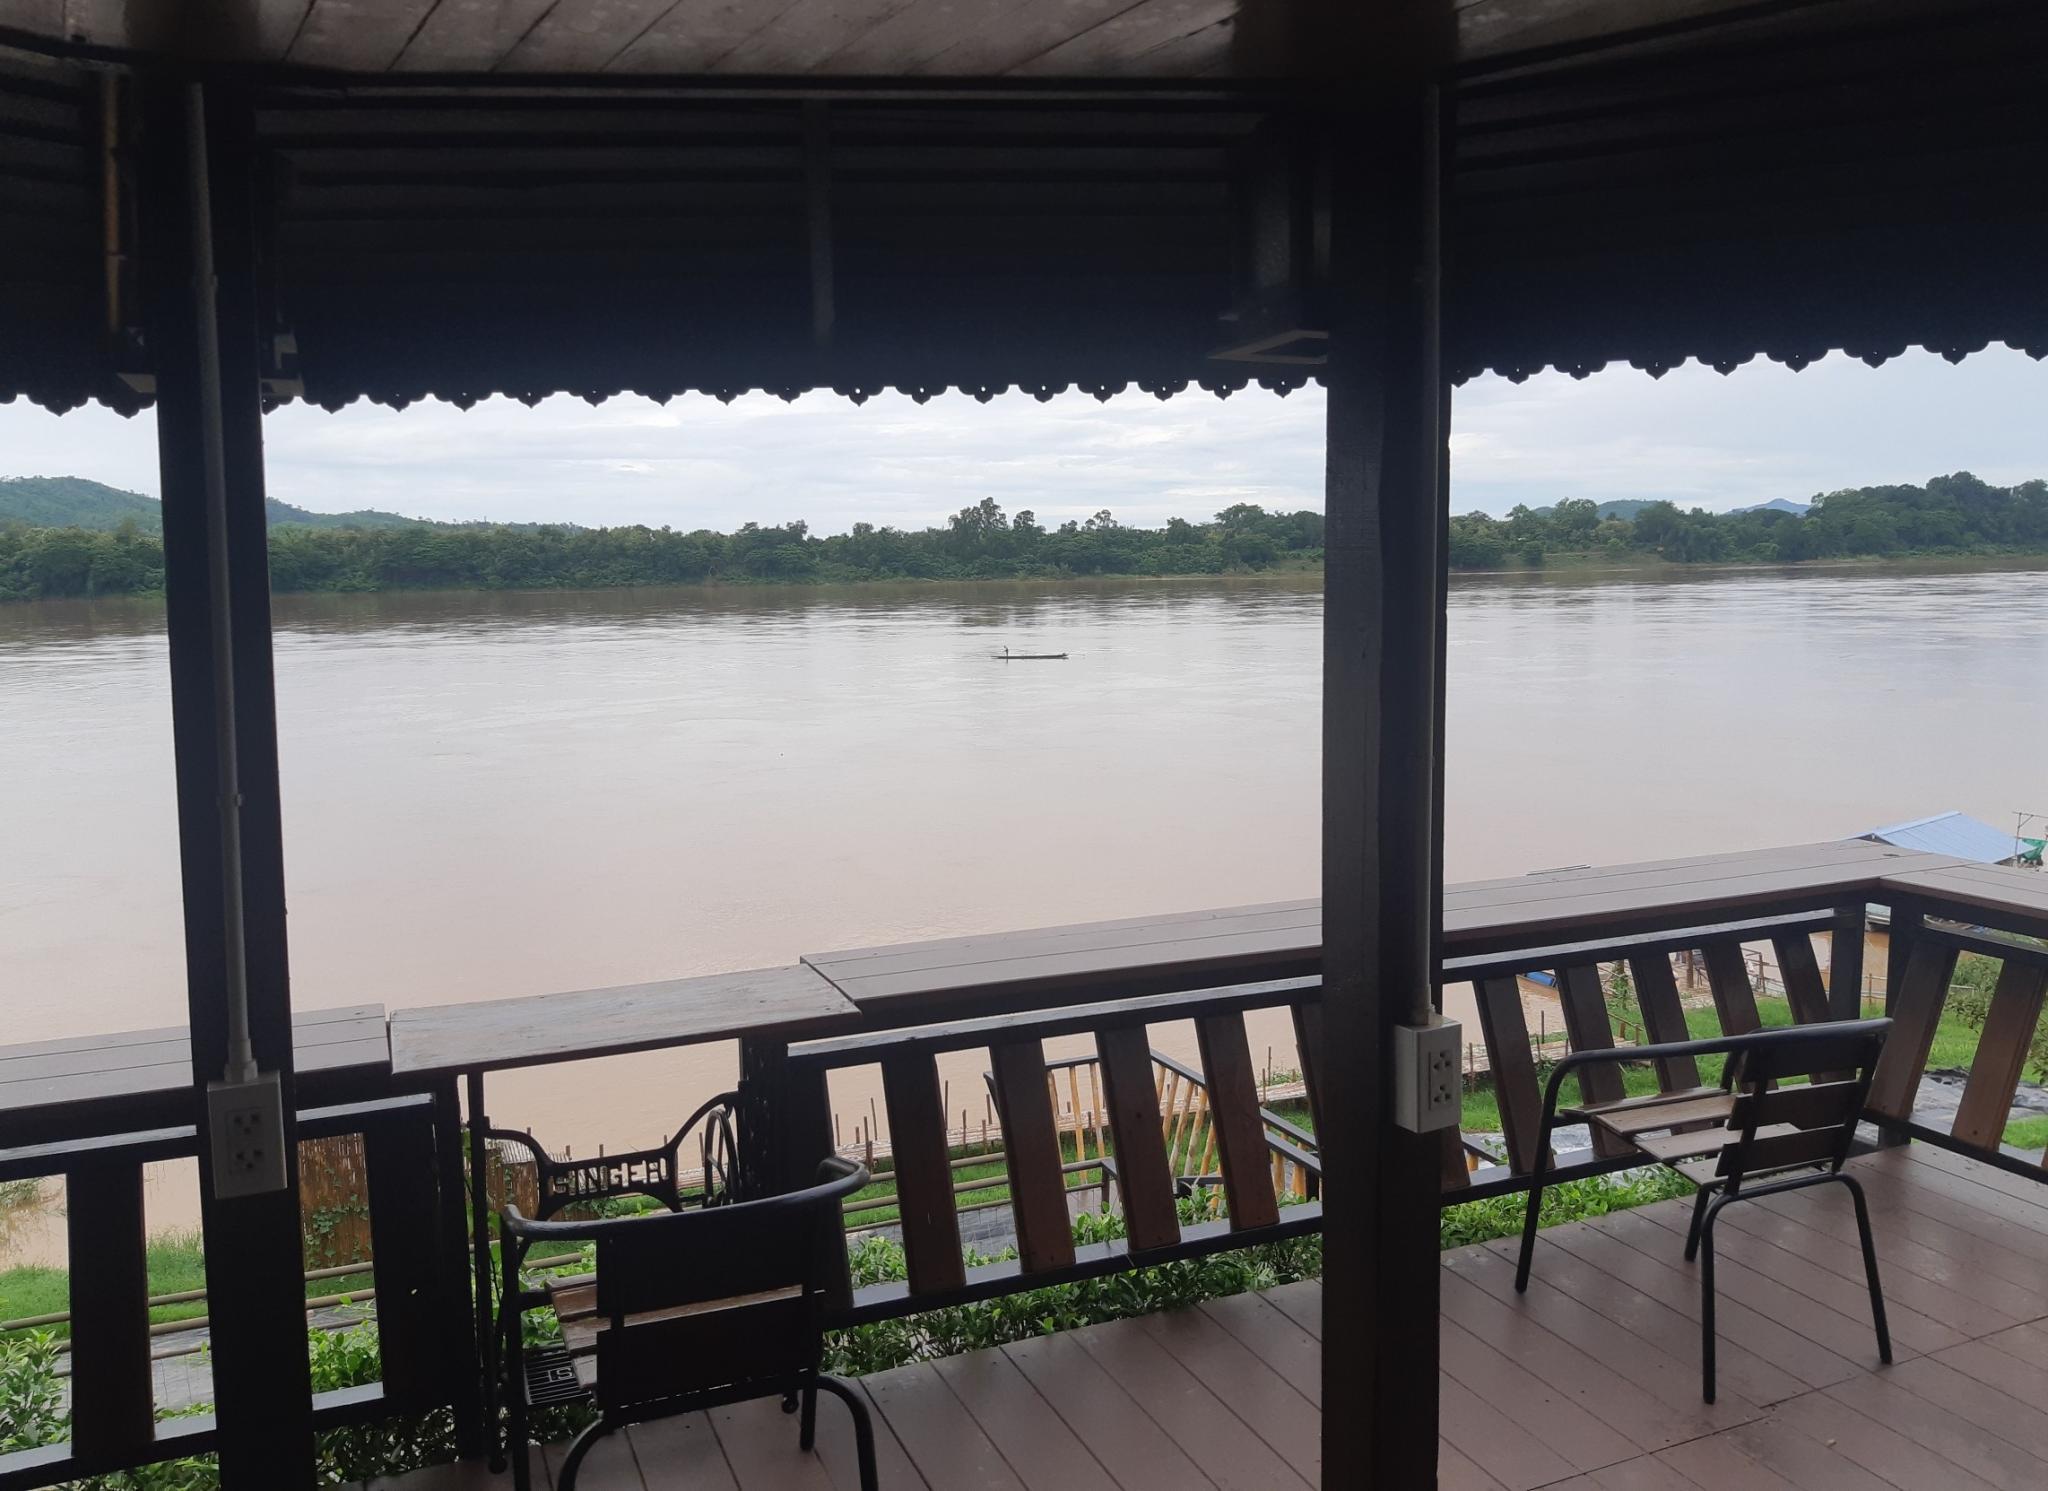 Chiang Khan, the wet weekend-ck1-jpg